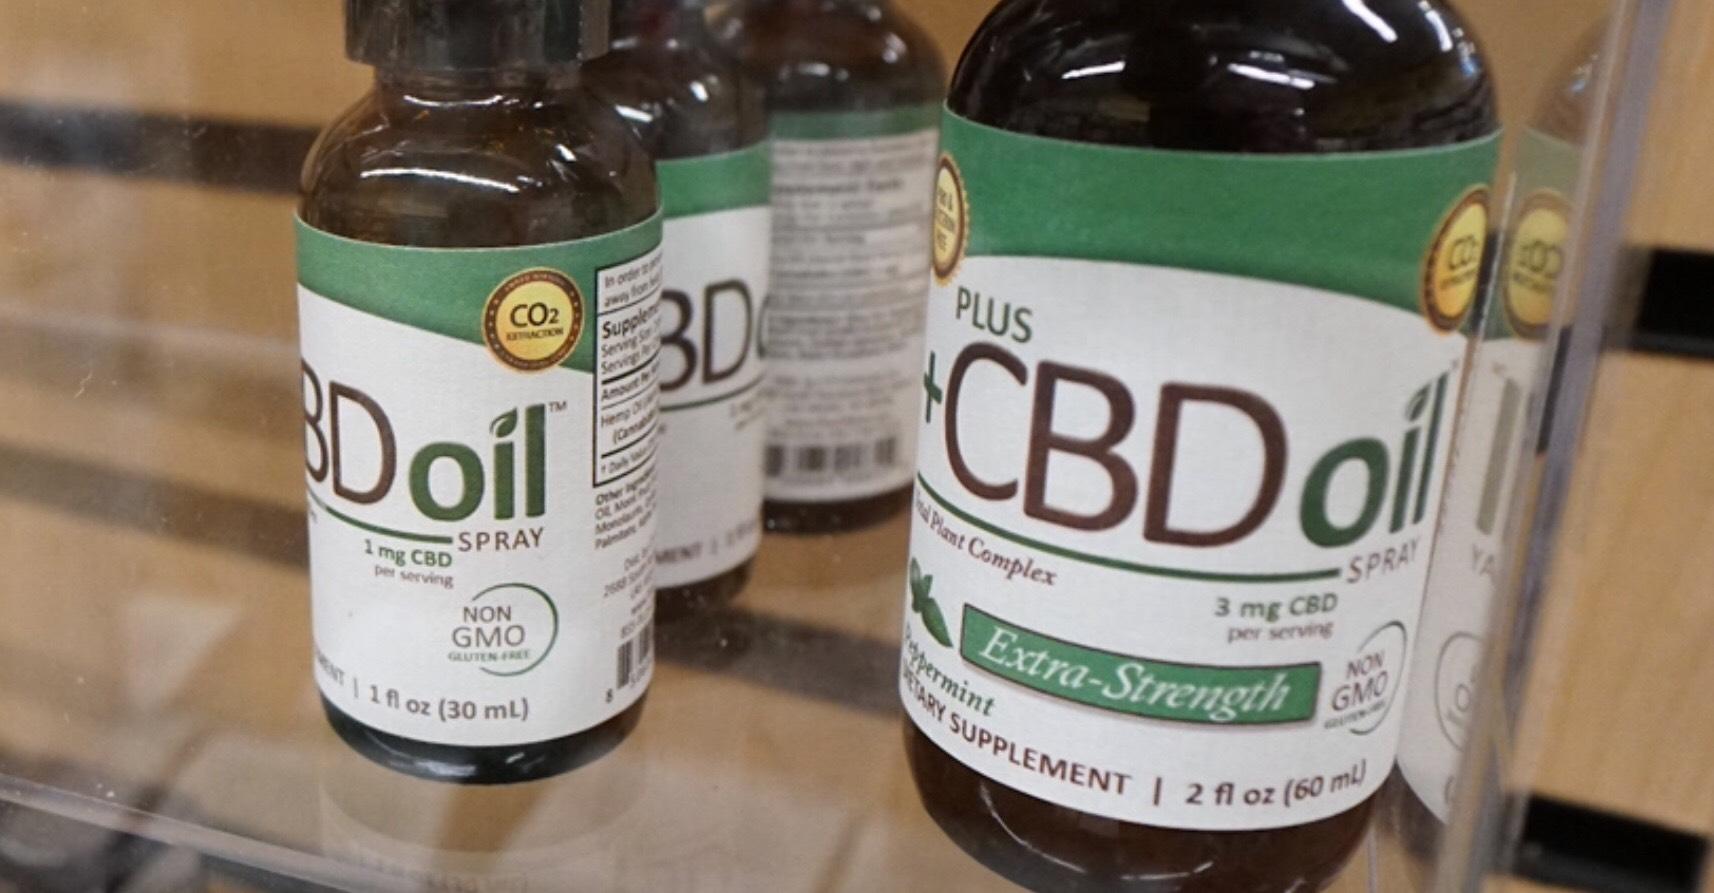 cbd oil jeffersonville indiana